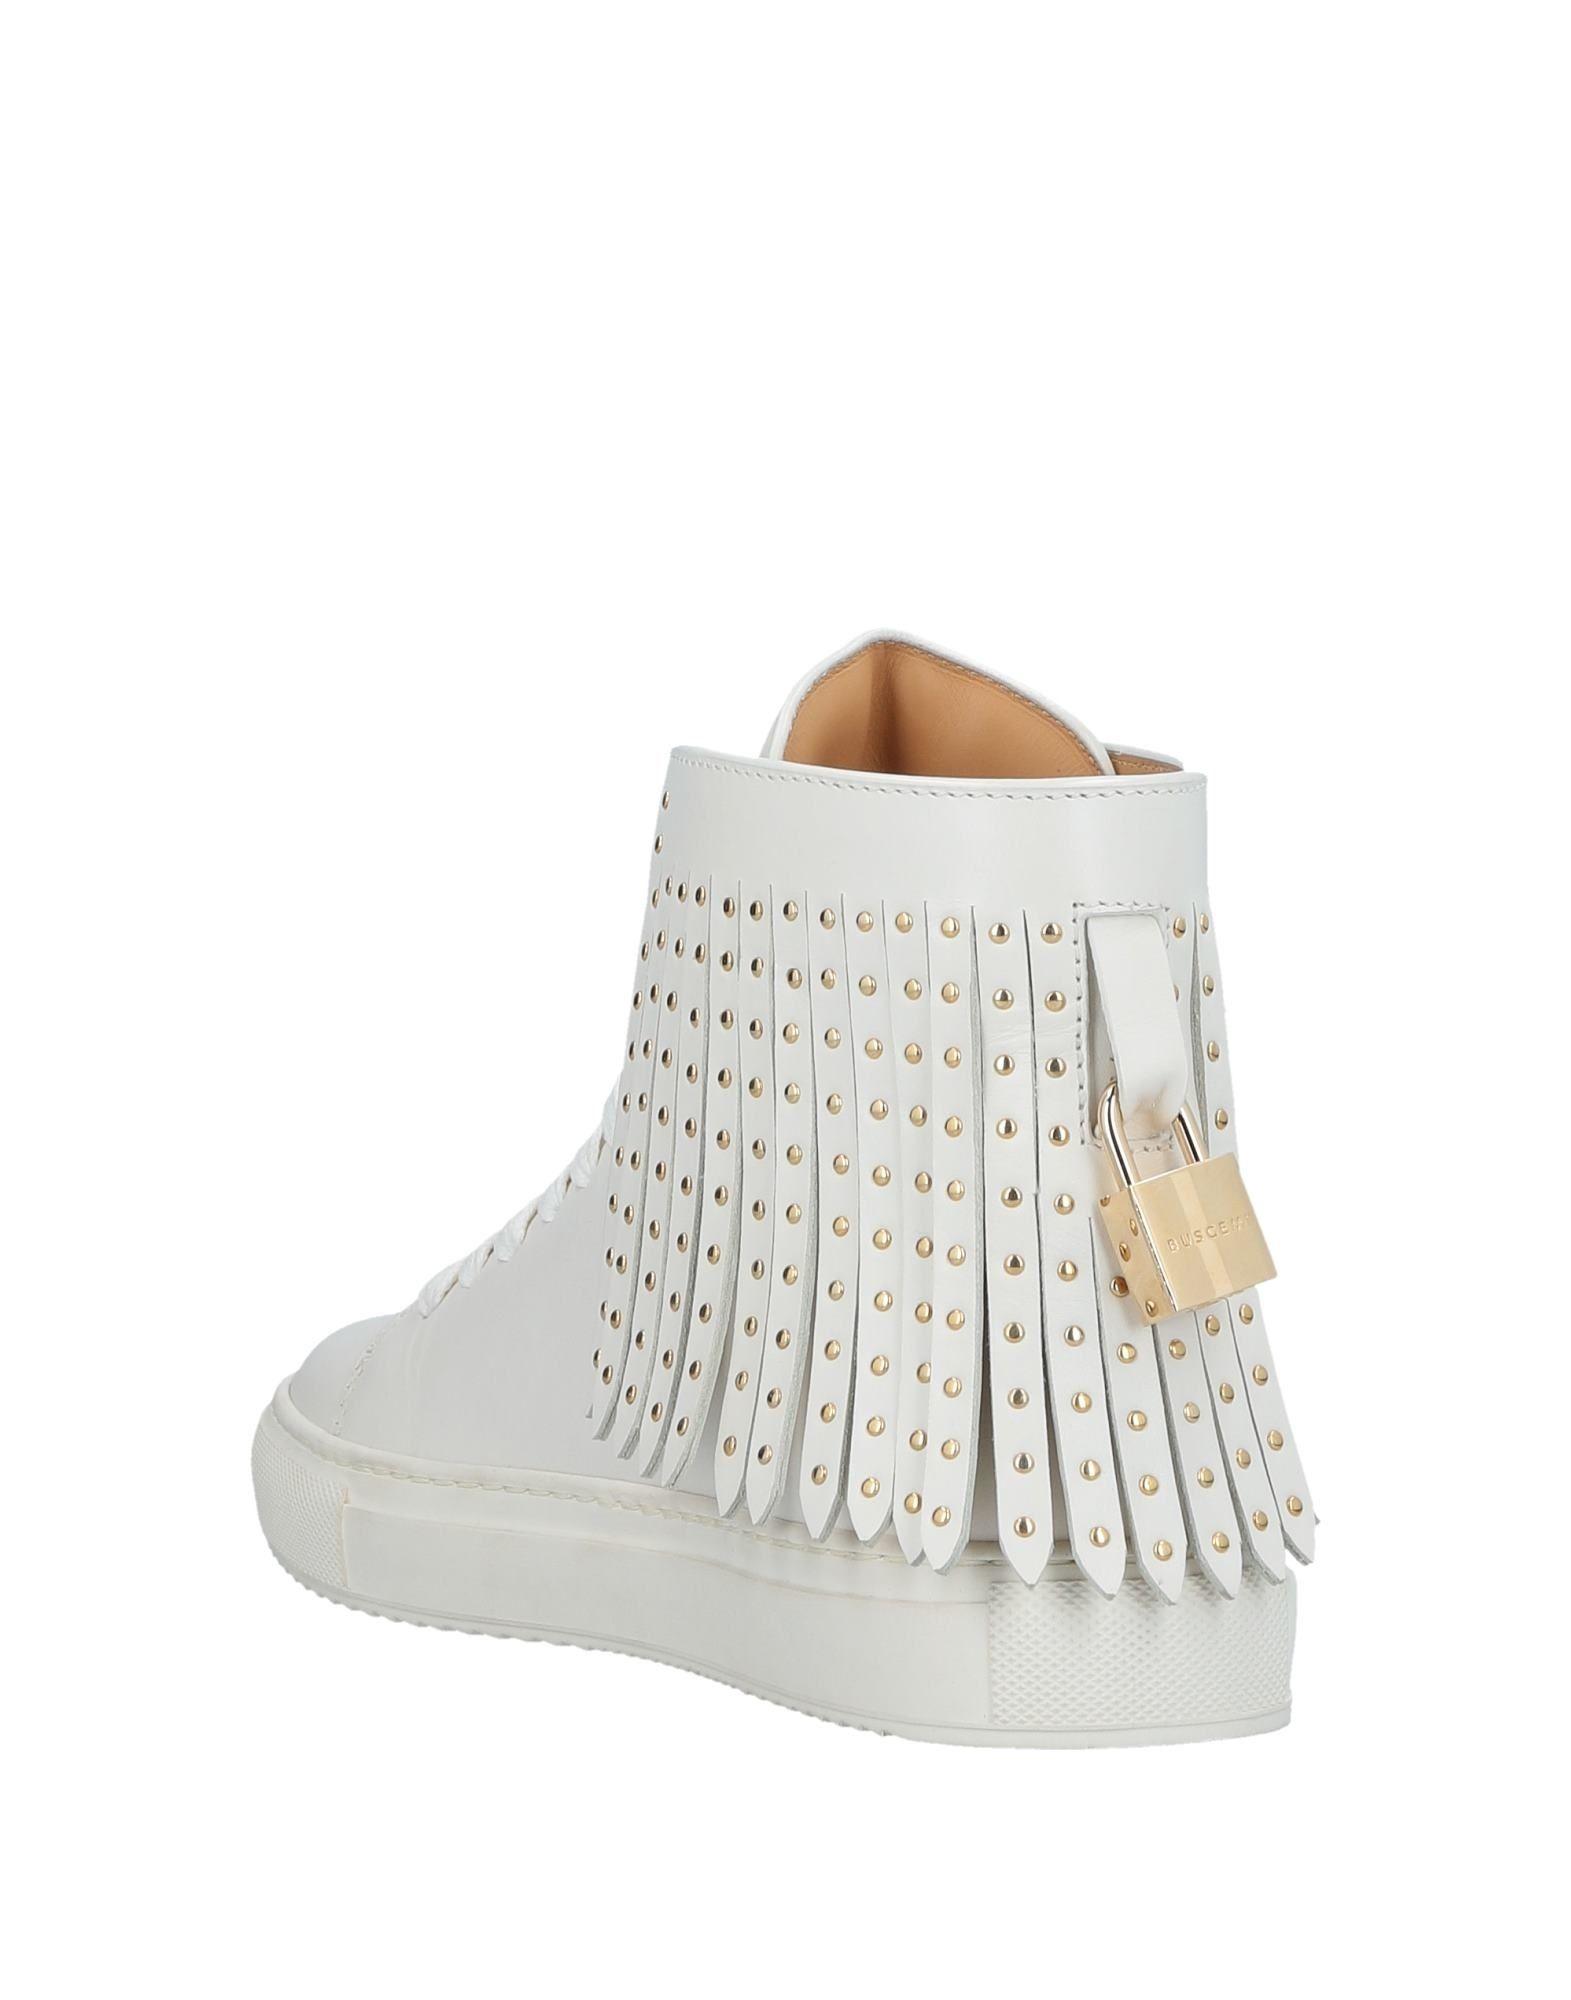 Buscemi Sneakers Damen gut  11530514QKGünstige gut Damen aussehende Schuhe 8f9a28